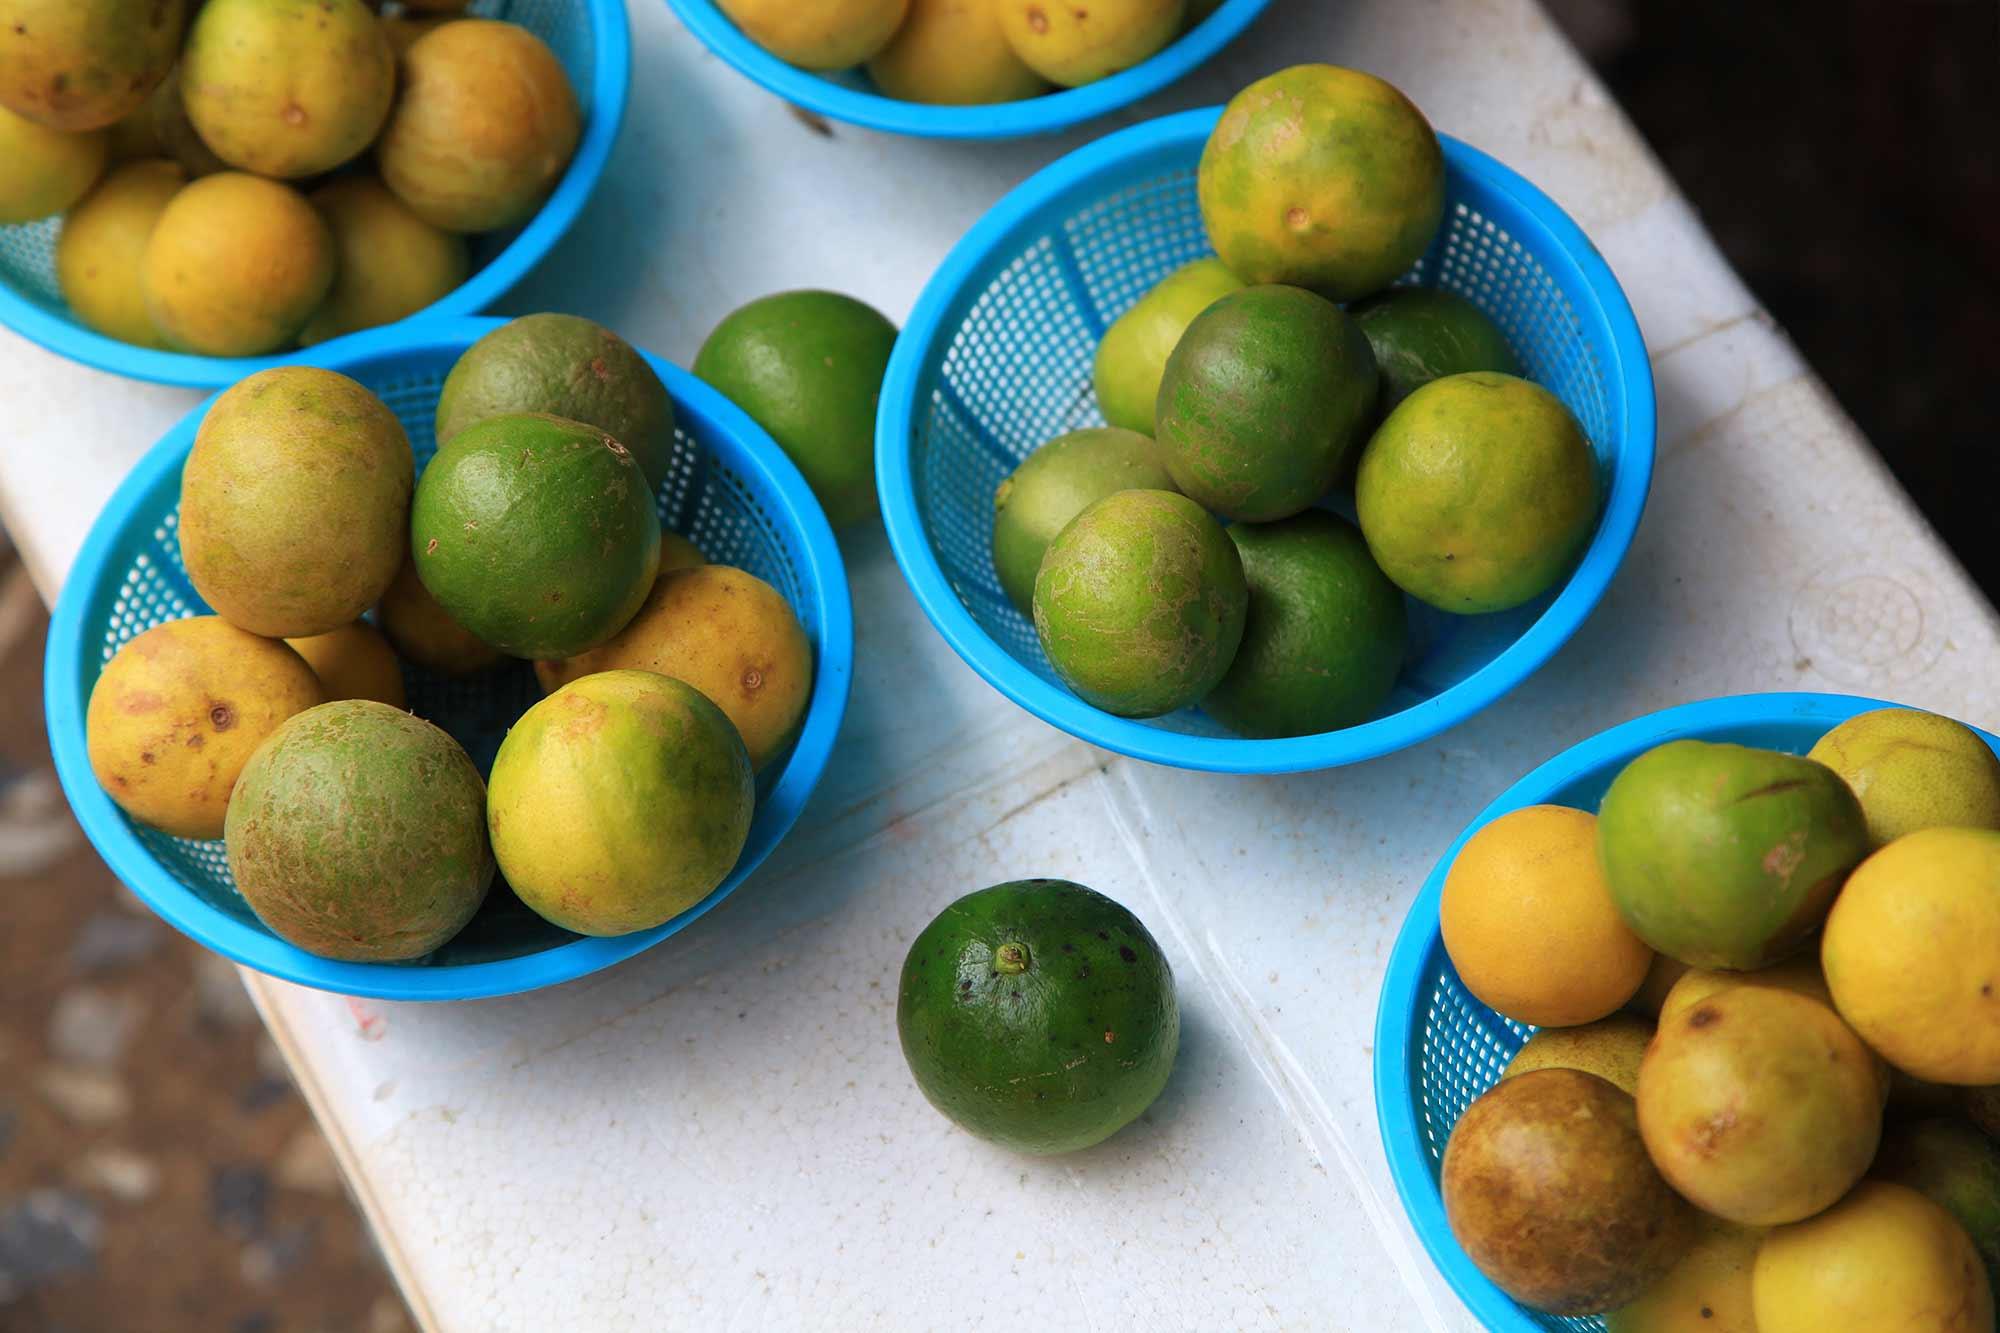 Fresh limes at Khlong Toey market in Bangkok, Thailand. © Ulli Maier & Nisa Maier